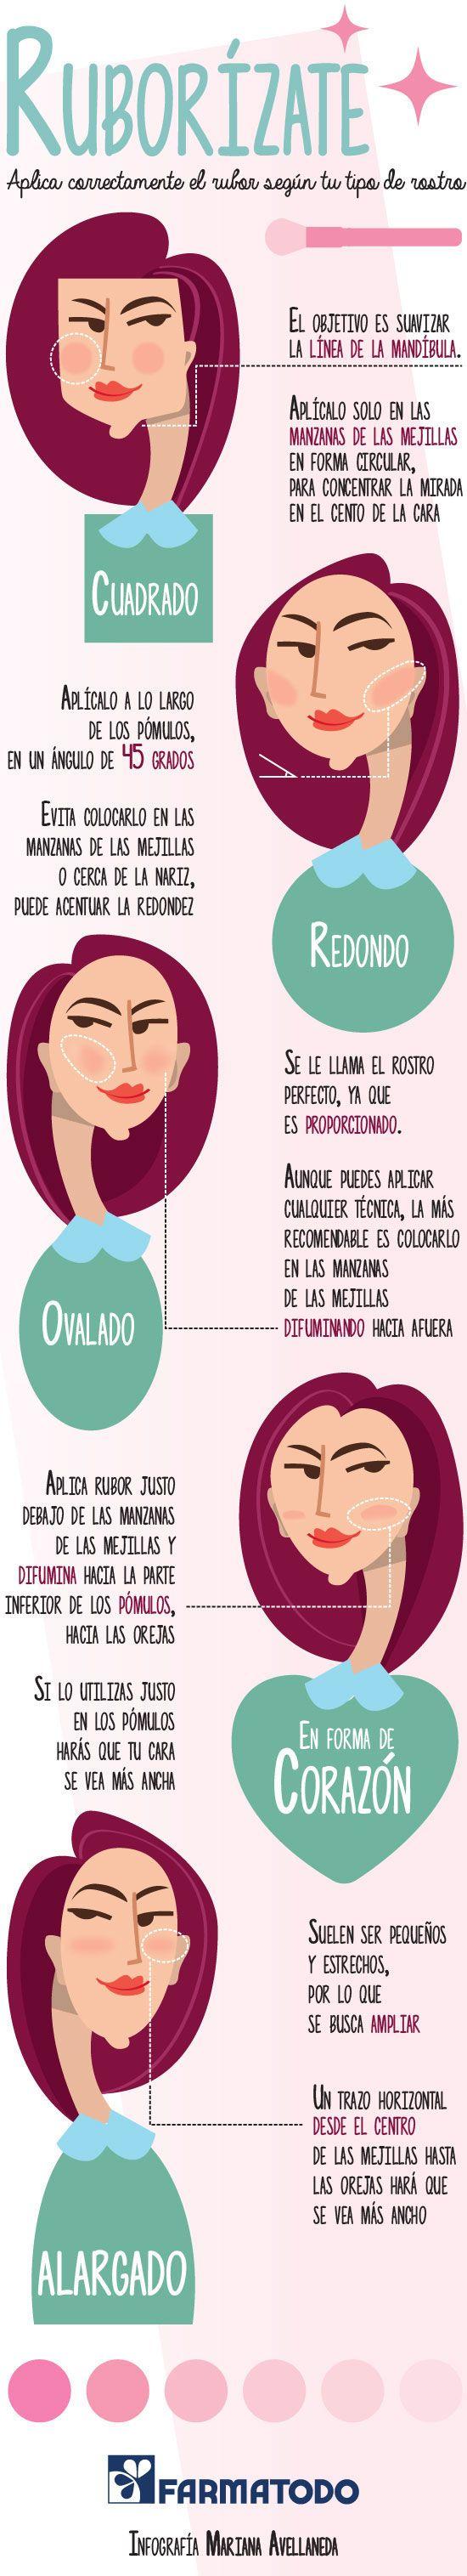 Aprende como aplicar el rubor según tu tipo de rostro